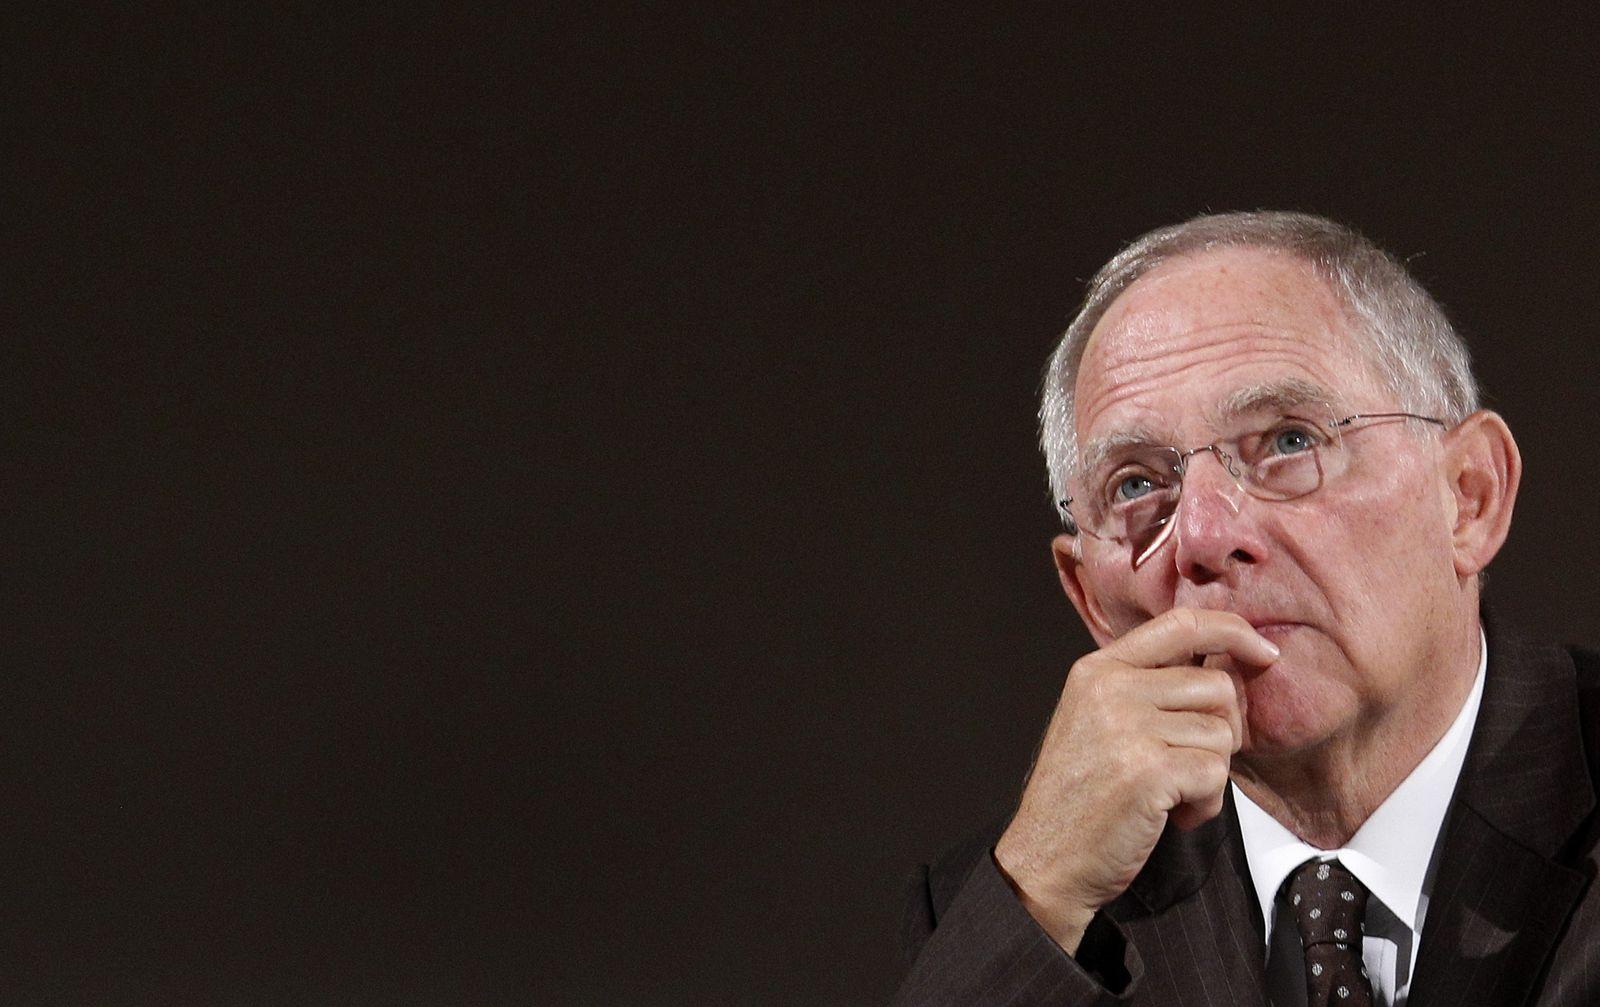 Schäuble / Schaeuble